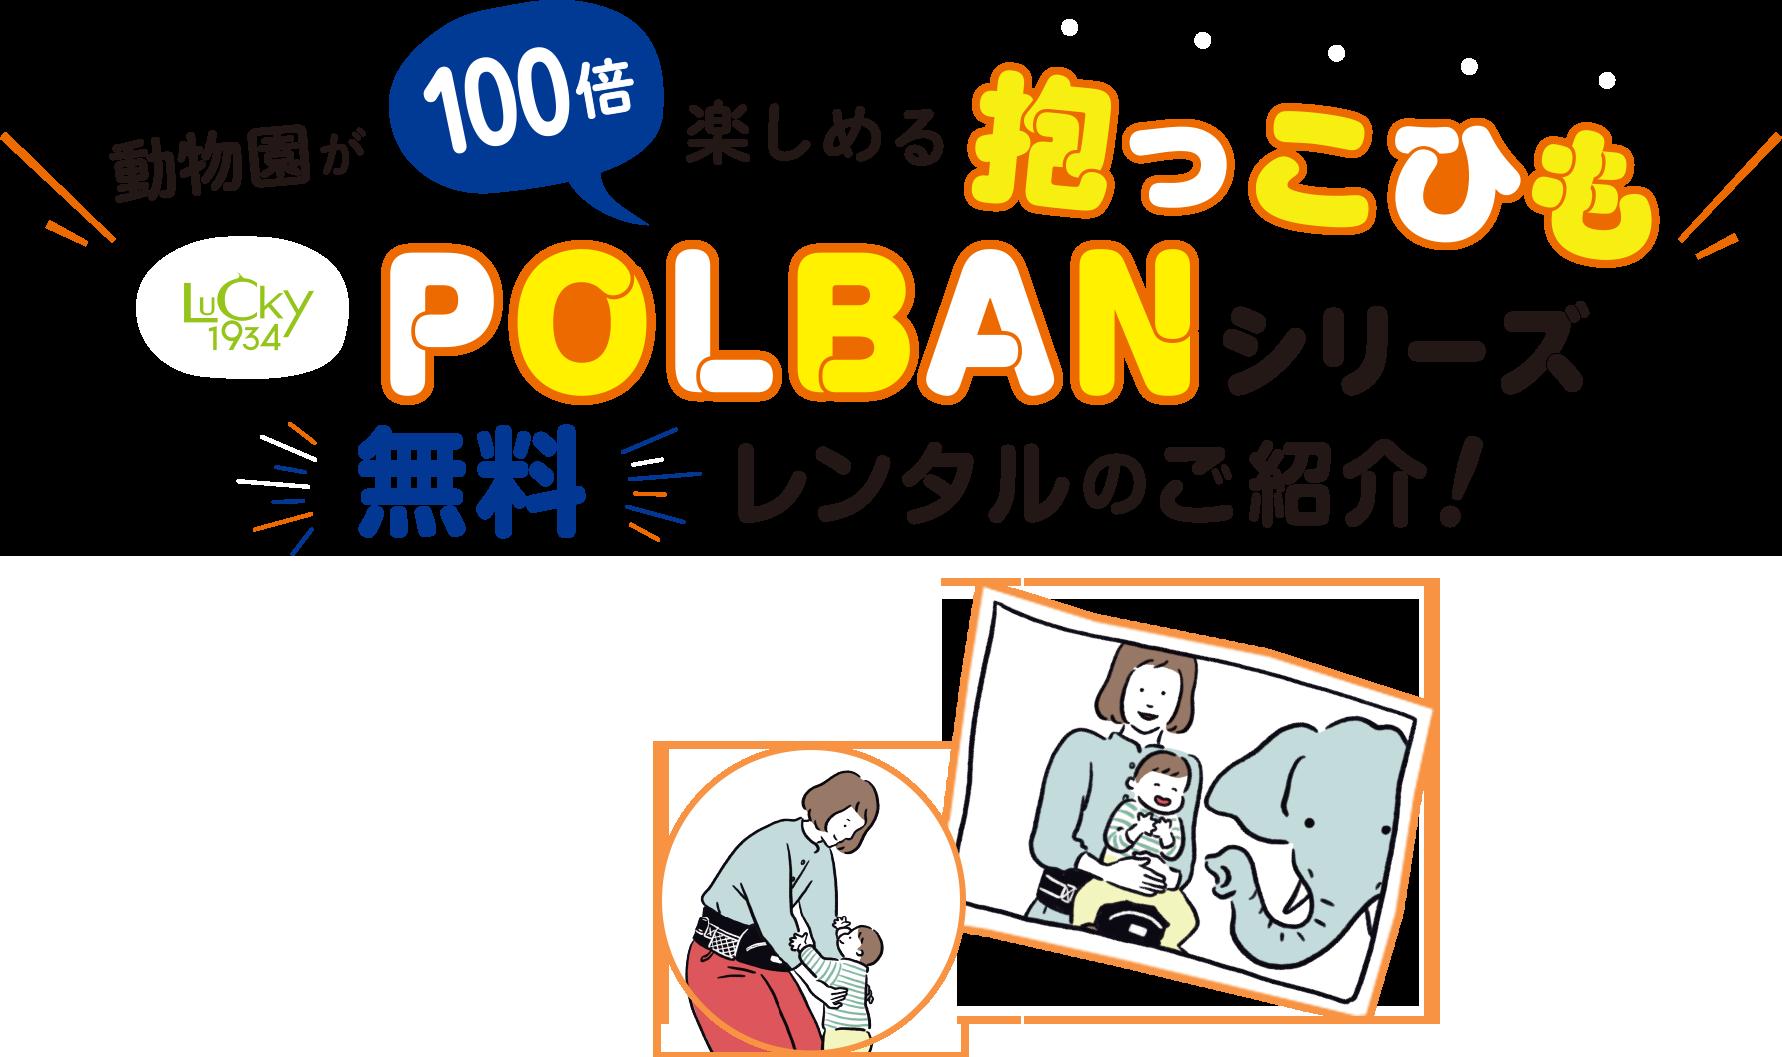 動物園が100倍楽しめる抱っこひもPOLBANシリーズ無料レンタルのご紹介!